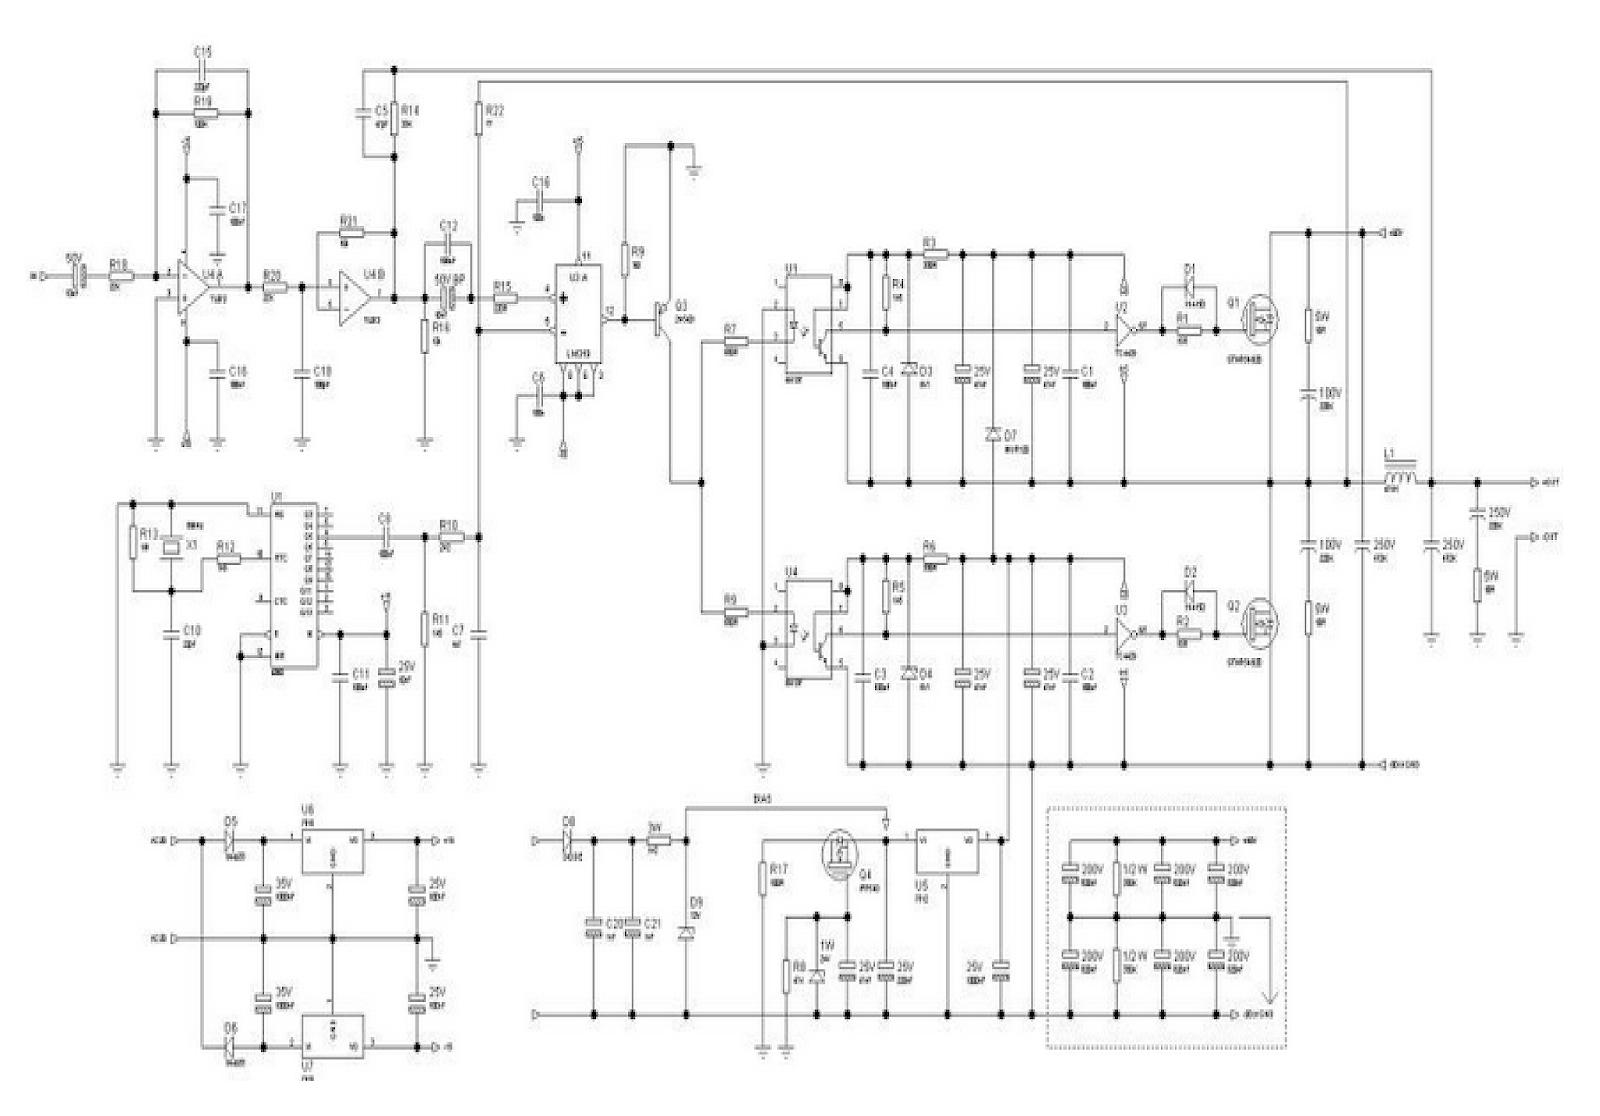 medium resolution of class d amplifier schematic 1000w